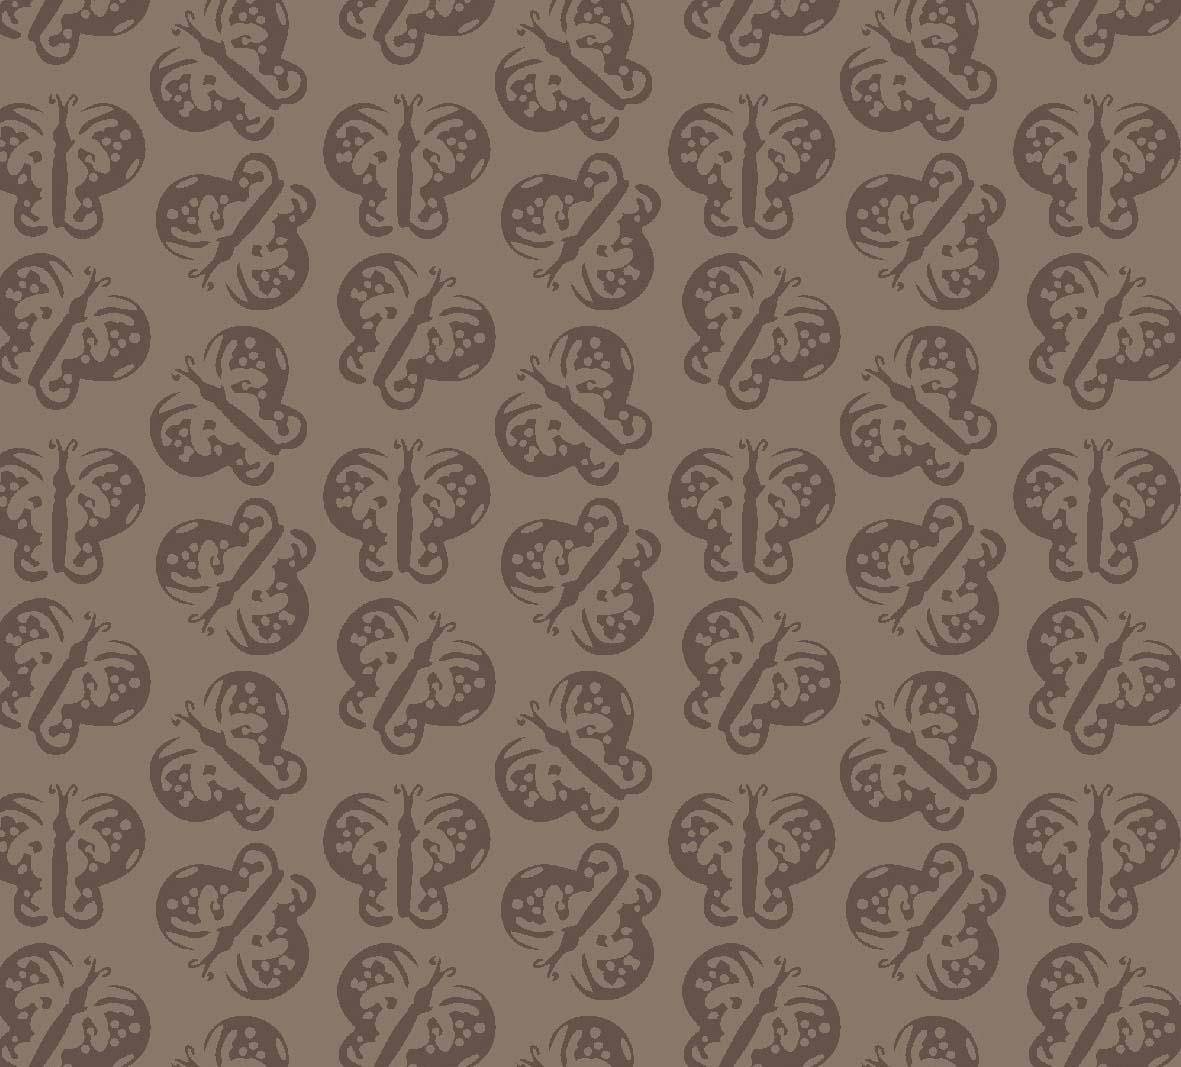 Borboletas Marrom  - Tecidos Digitais